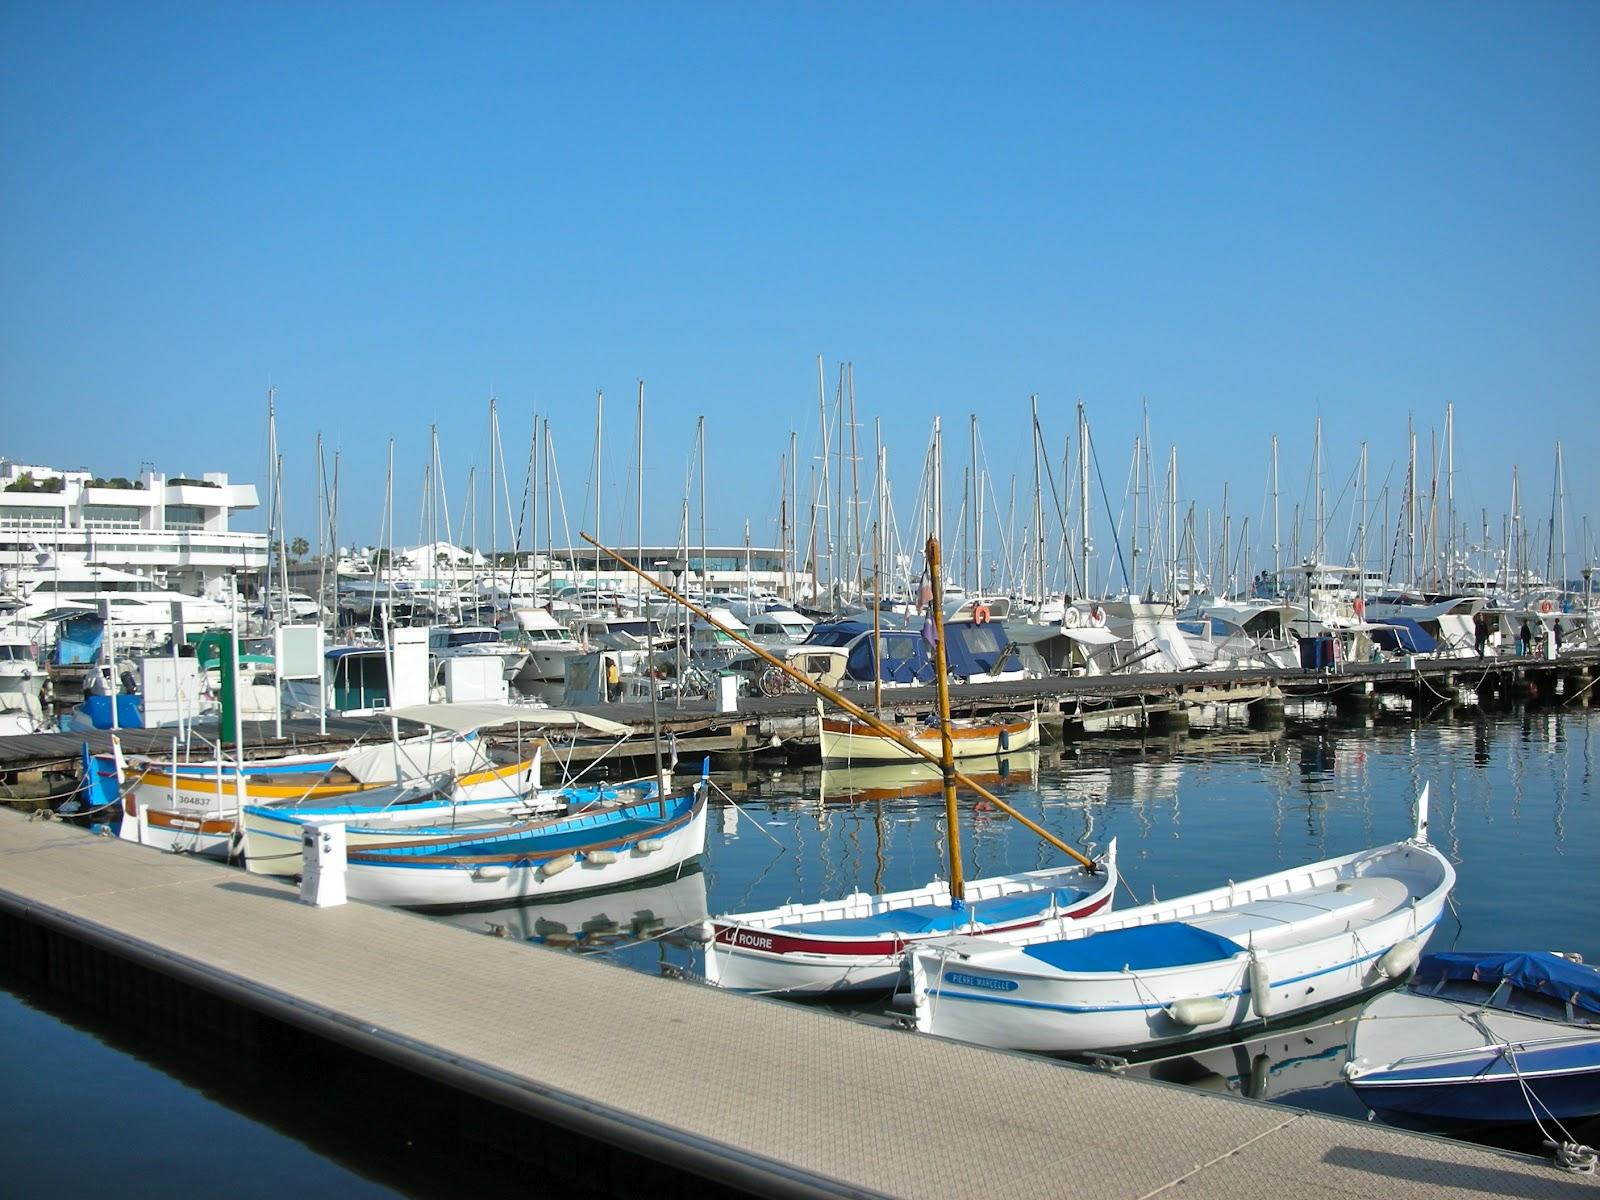 La c te d 39 azur le vieux port de cannes - Port de cannes capitainerie ...